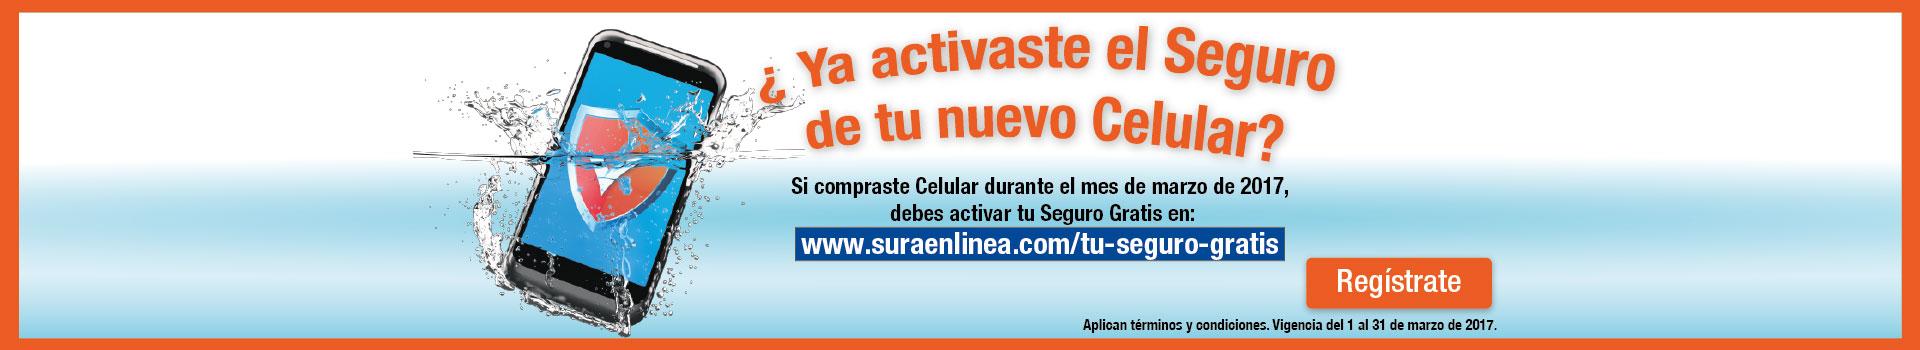 CAT AK  - Activa tu Seguro Gratis - Mar21